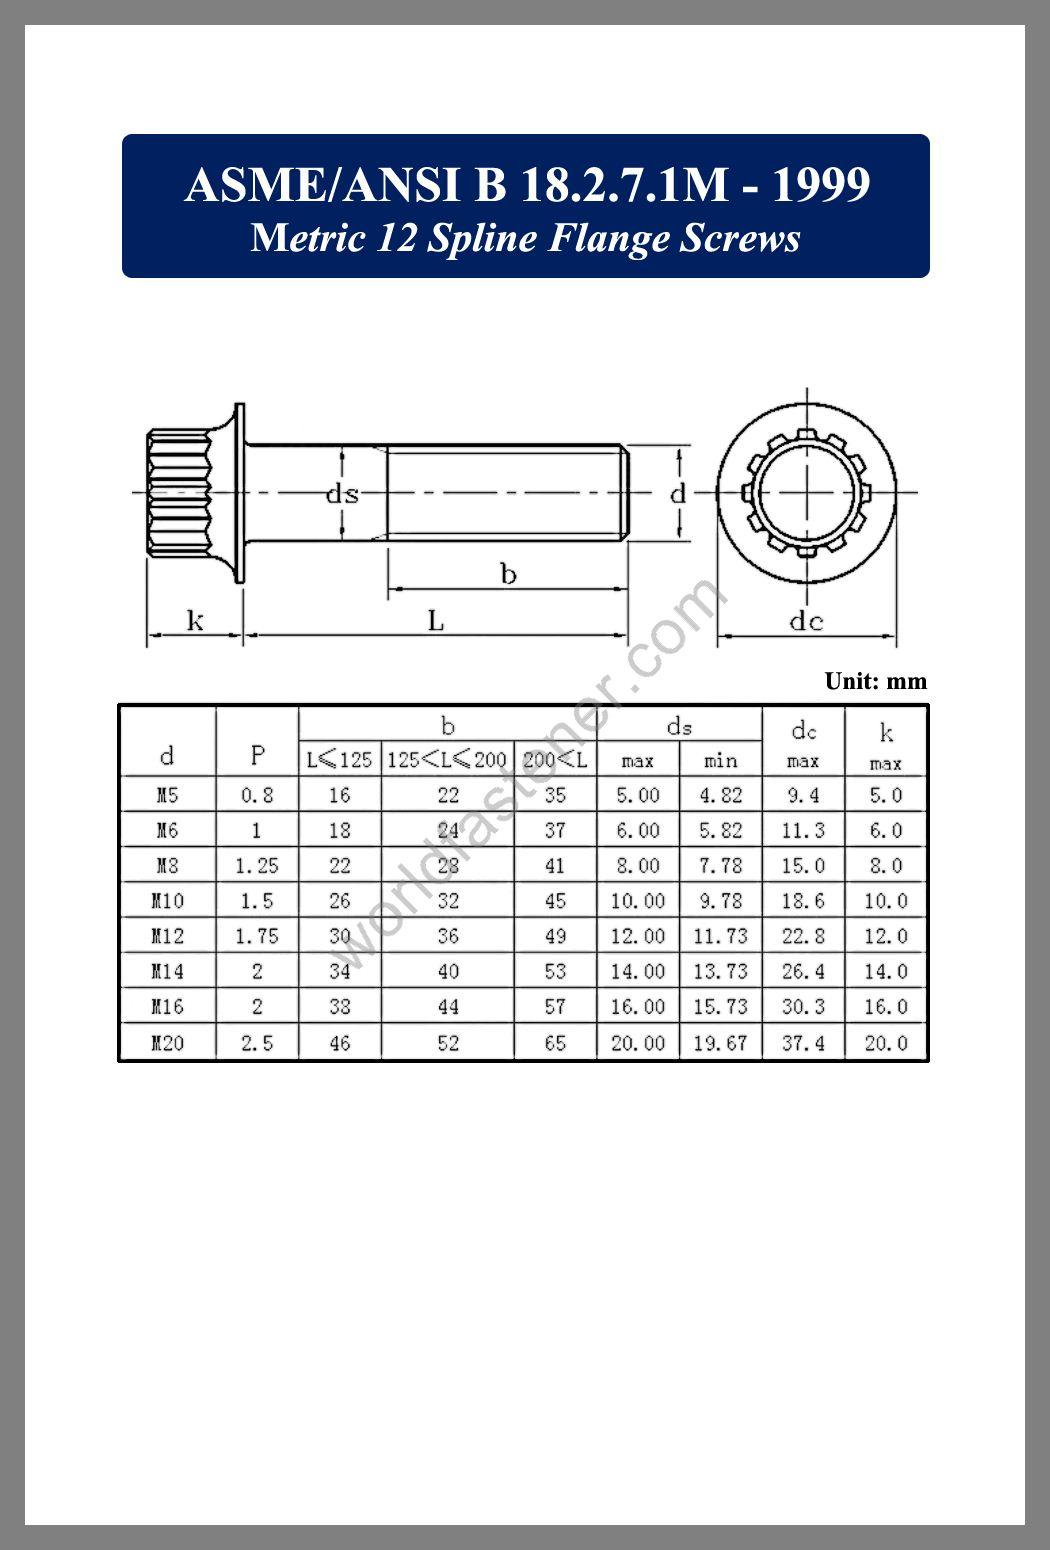 Metric 12 spline flange screws